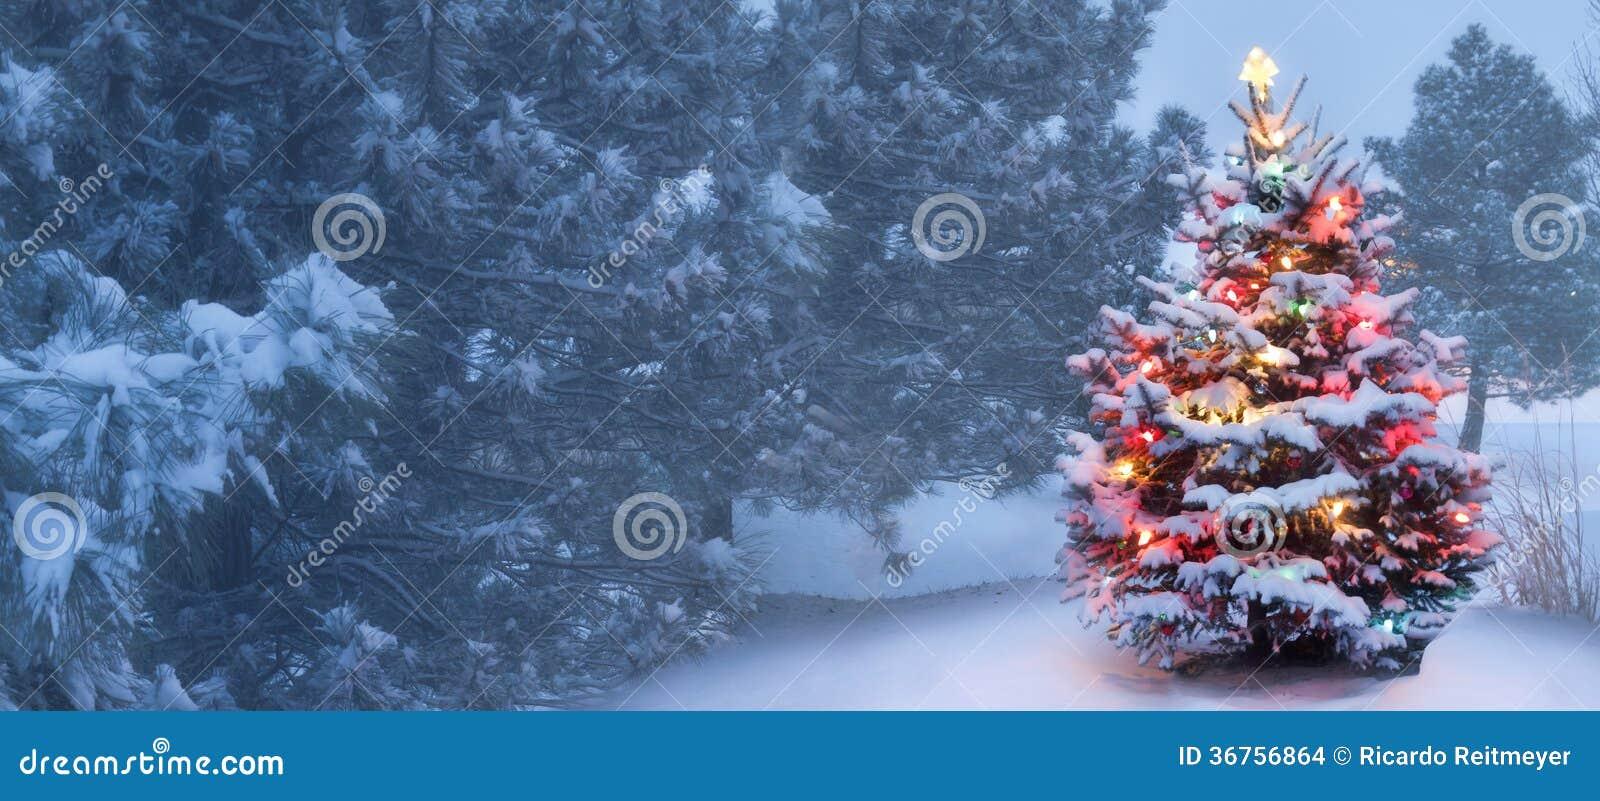 Αυτό το δέντρο καίγεται λαμπρά στο χιονισμένο ομιχλώδες πρωί Χριστουγέννων